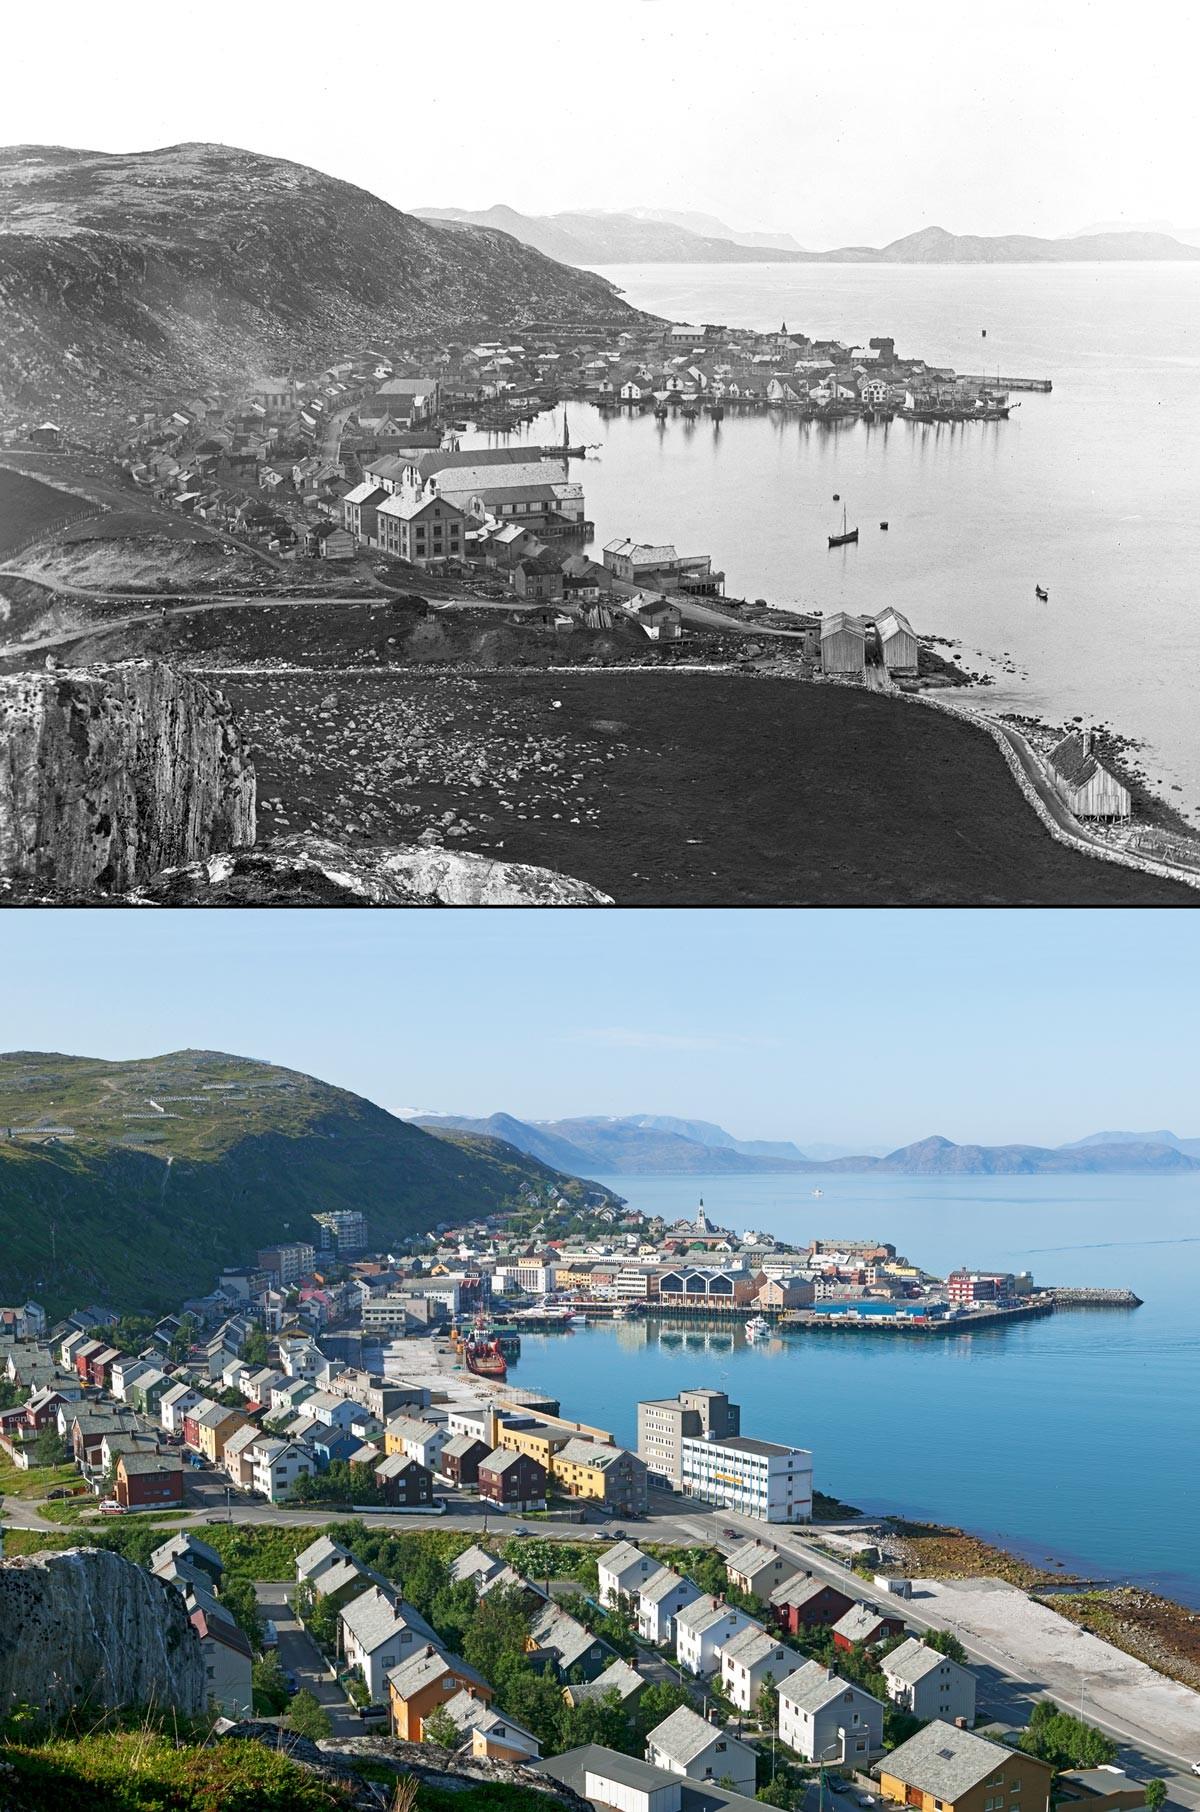 Noruega antes e após o petróleo: a transformação do país em imagens 07